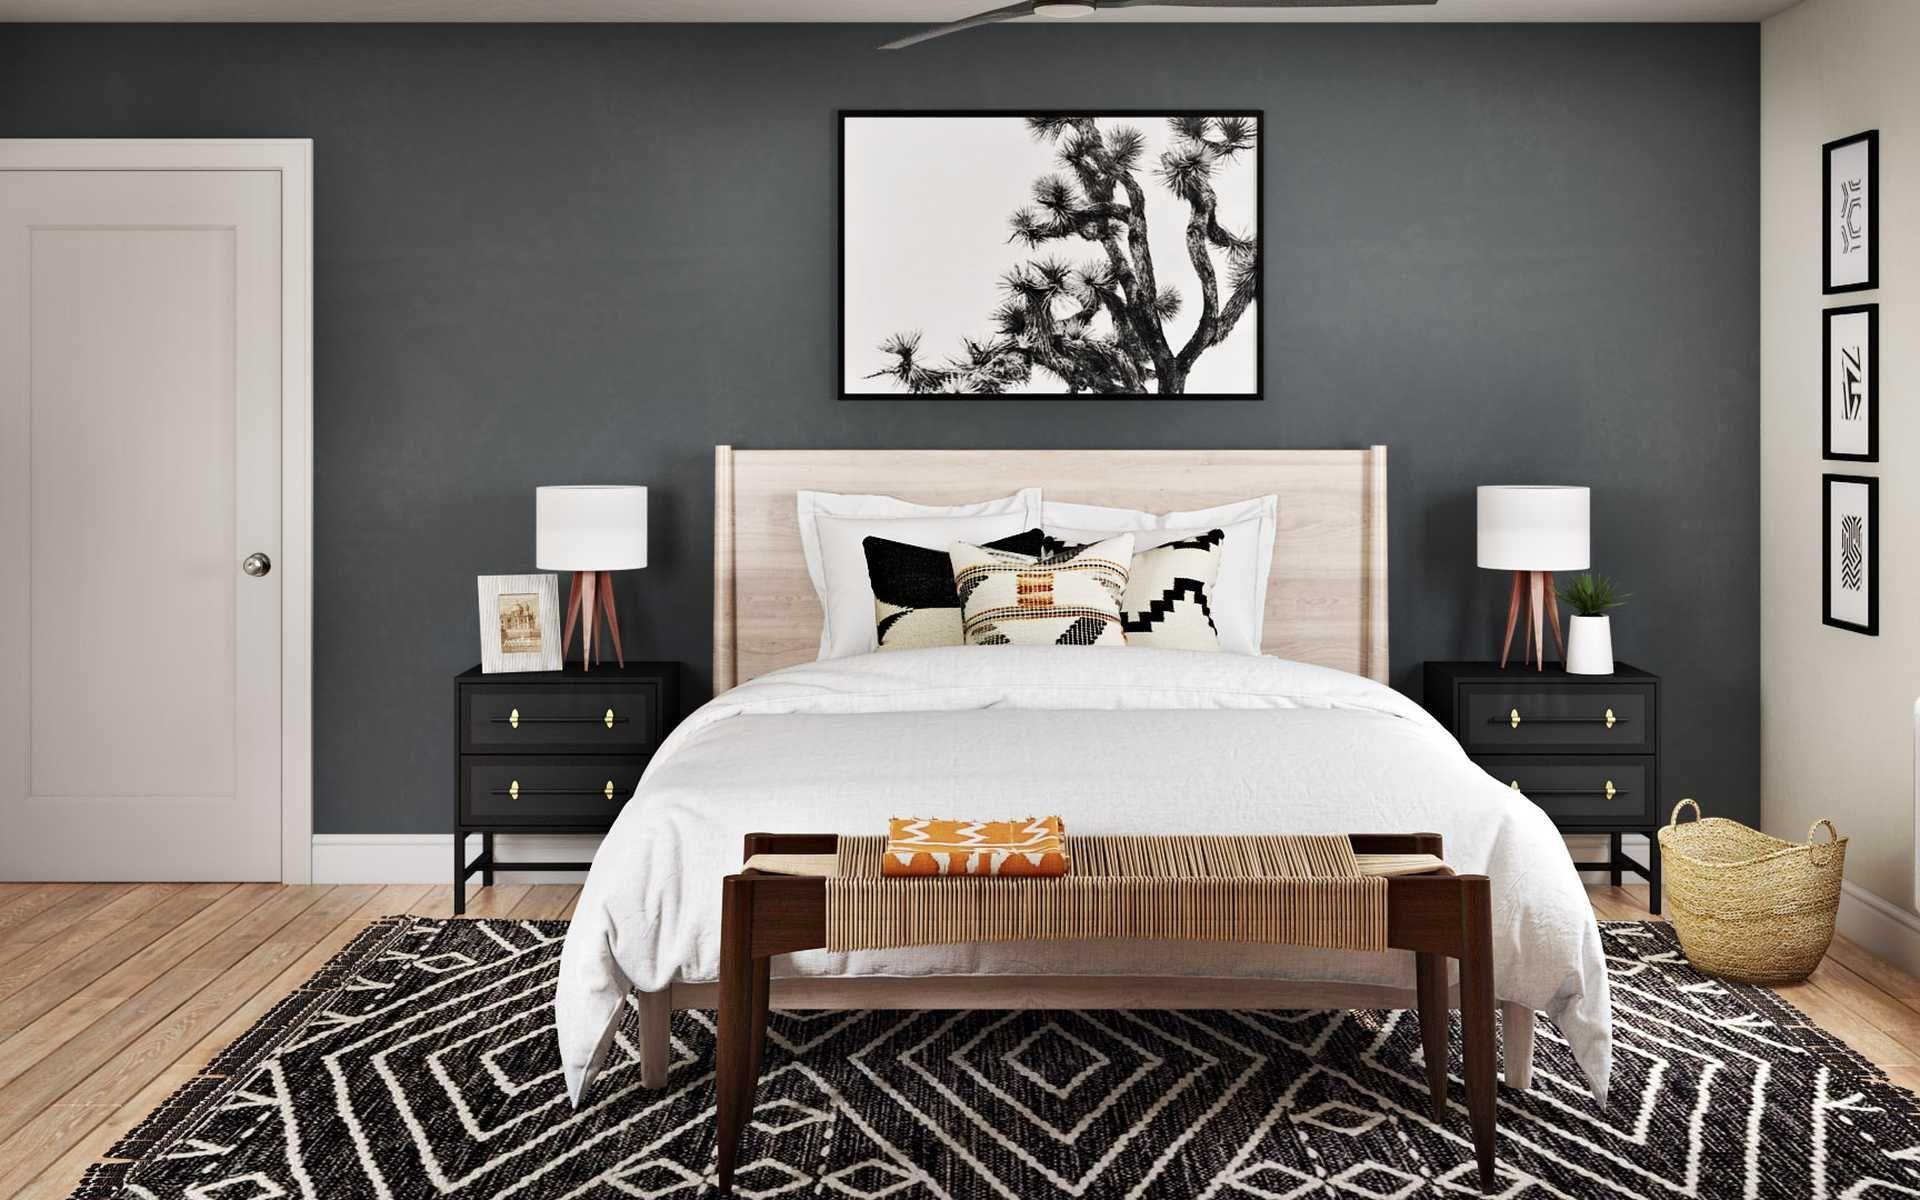 40 Best Bedroom Interior Design Ideas Havenly Interior Design Interior Design Bedroom Bedroom Interior